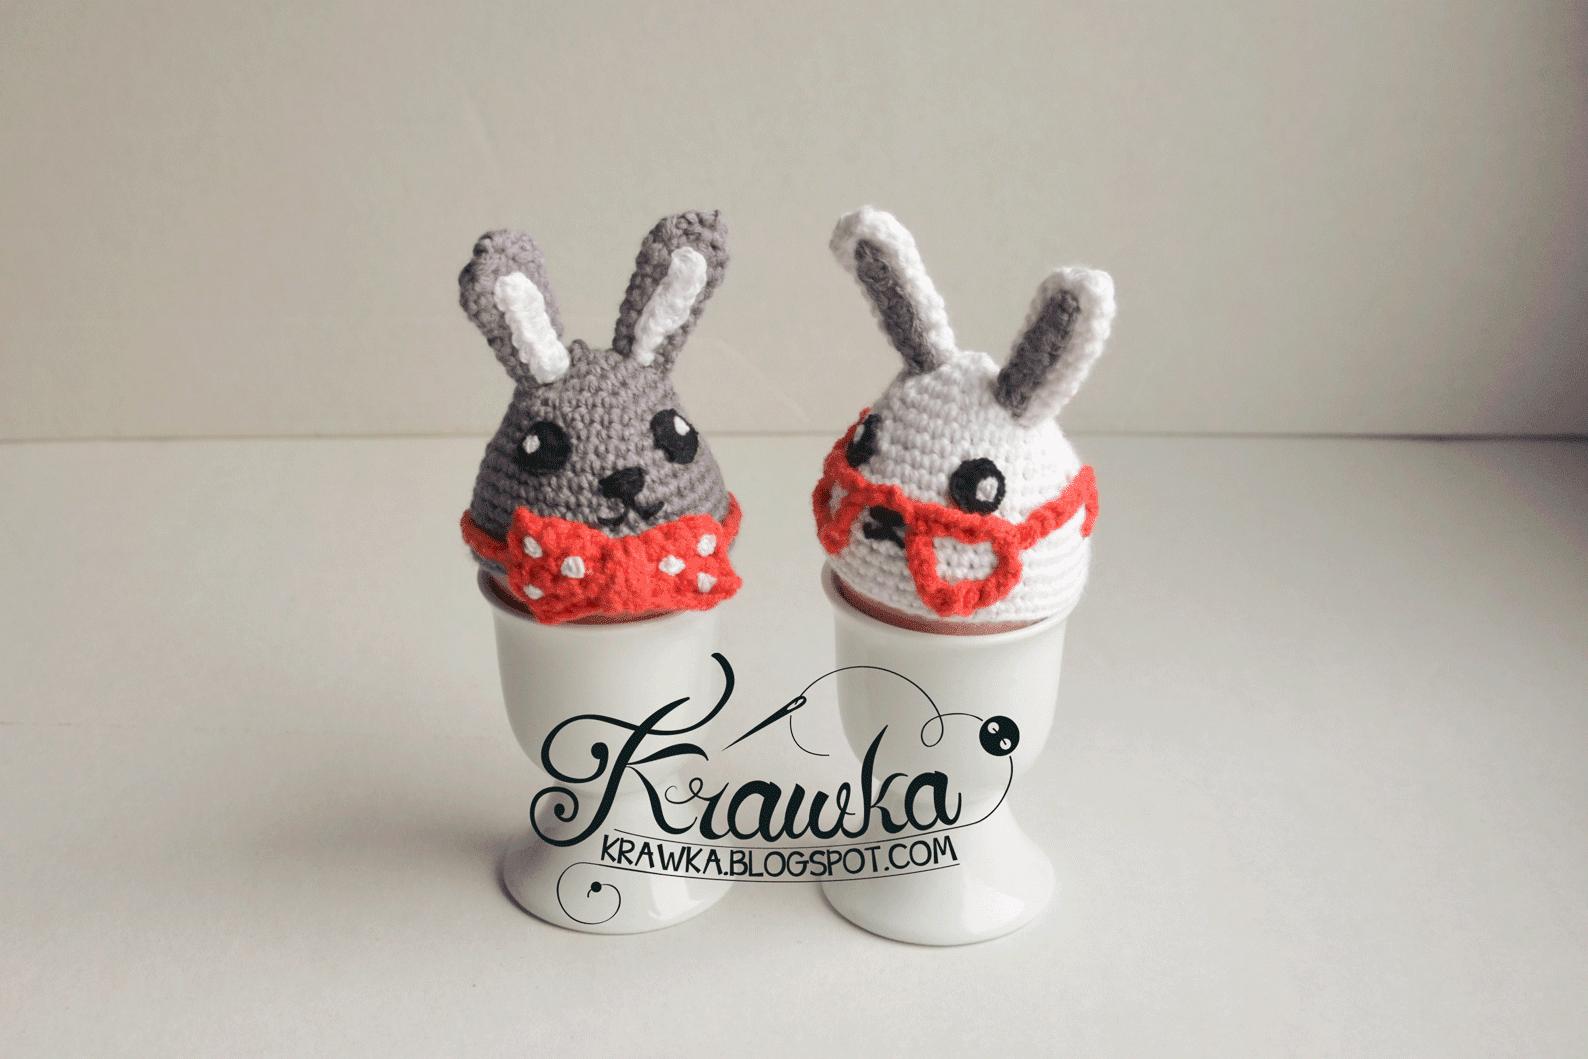 ocieplacze na jajka wielkanocne ozdoby na szydełku, królik w okularach i królik w muszce szydełko amigumumi, egg warmers rabbit in glasses, rabbit with bow tie easter gifts decoration crochet